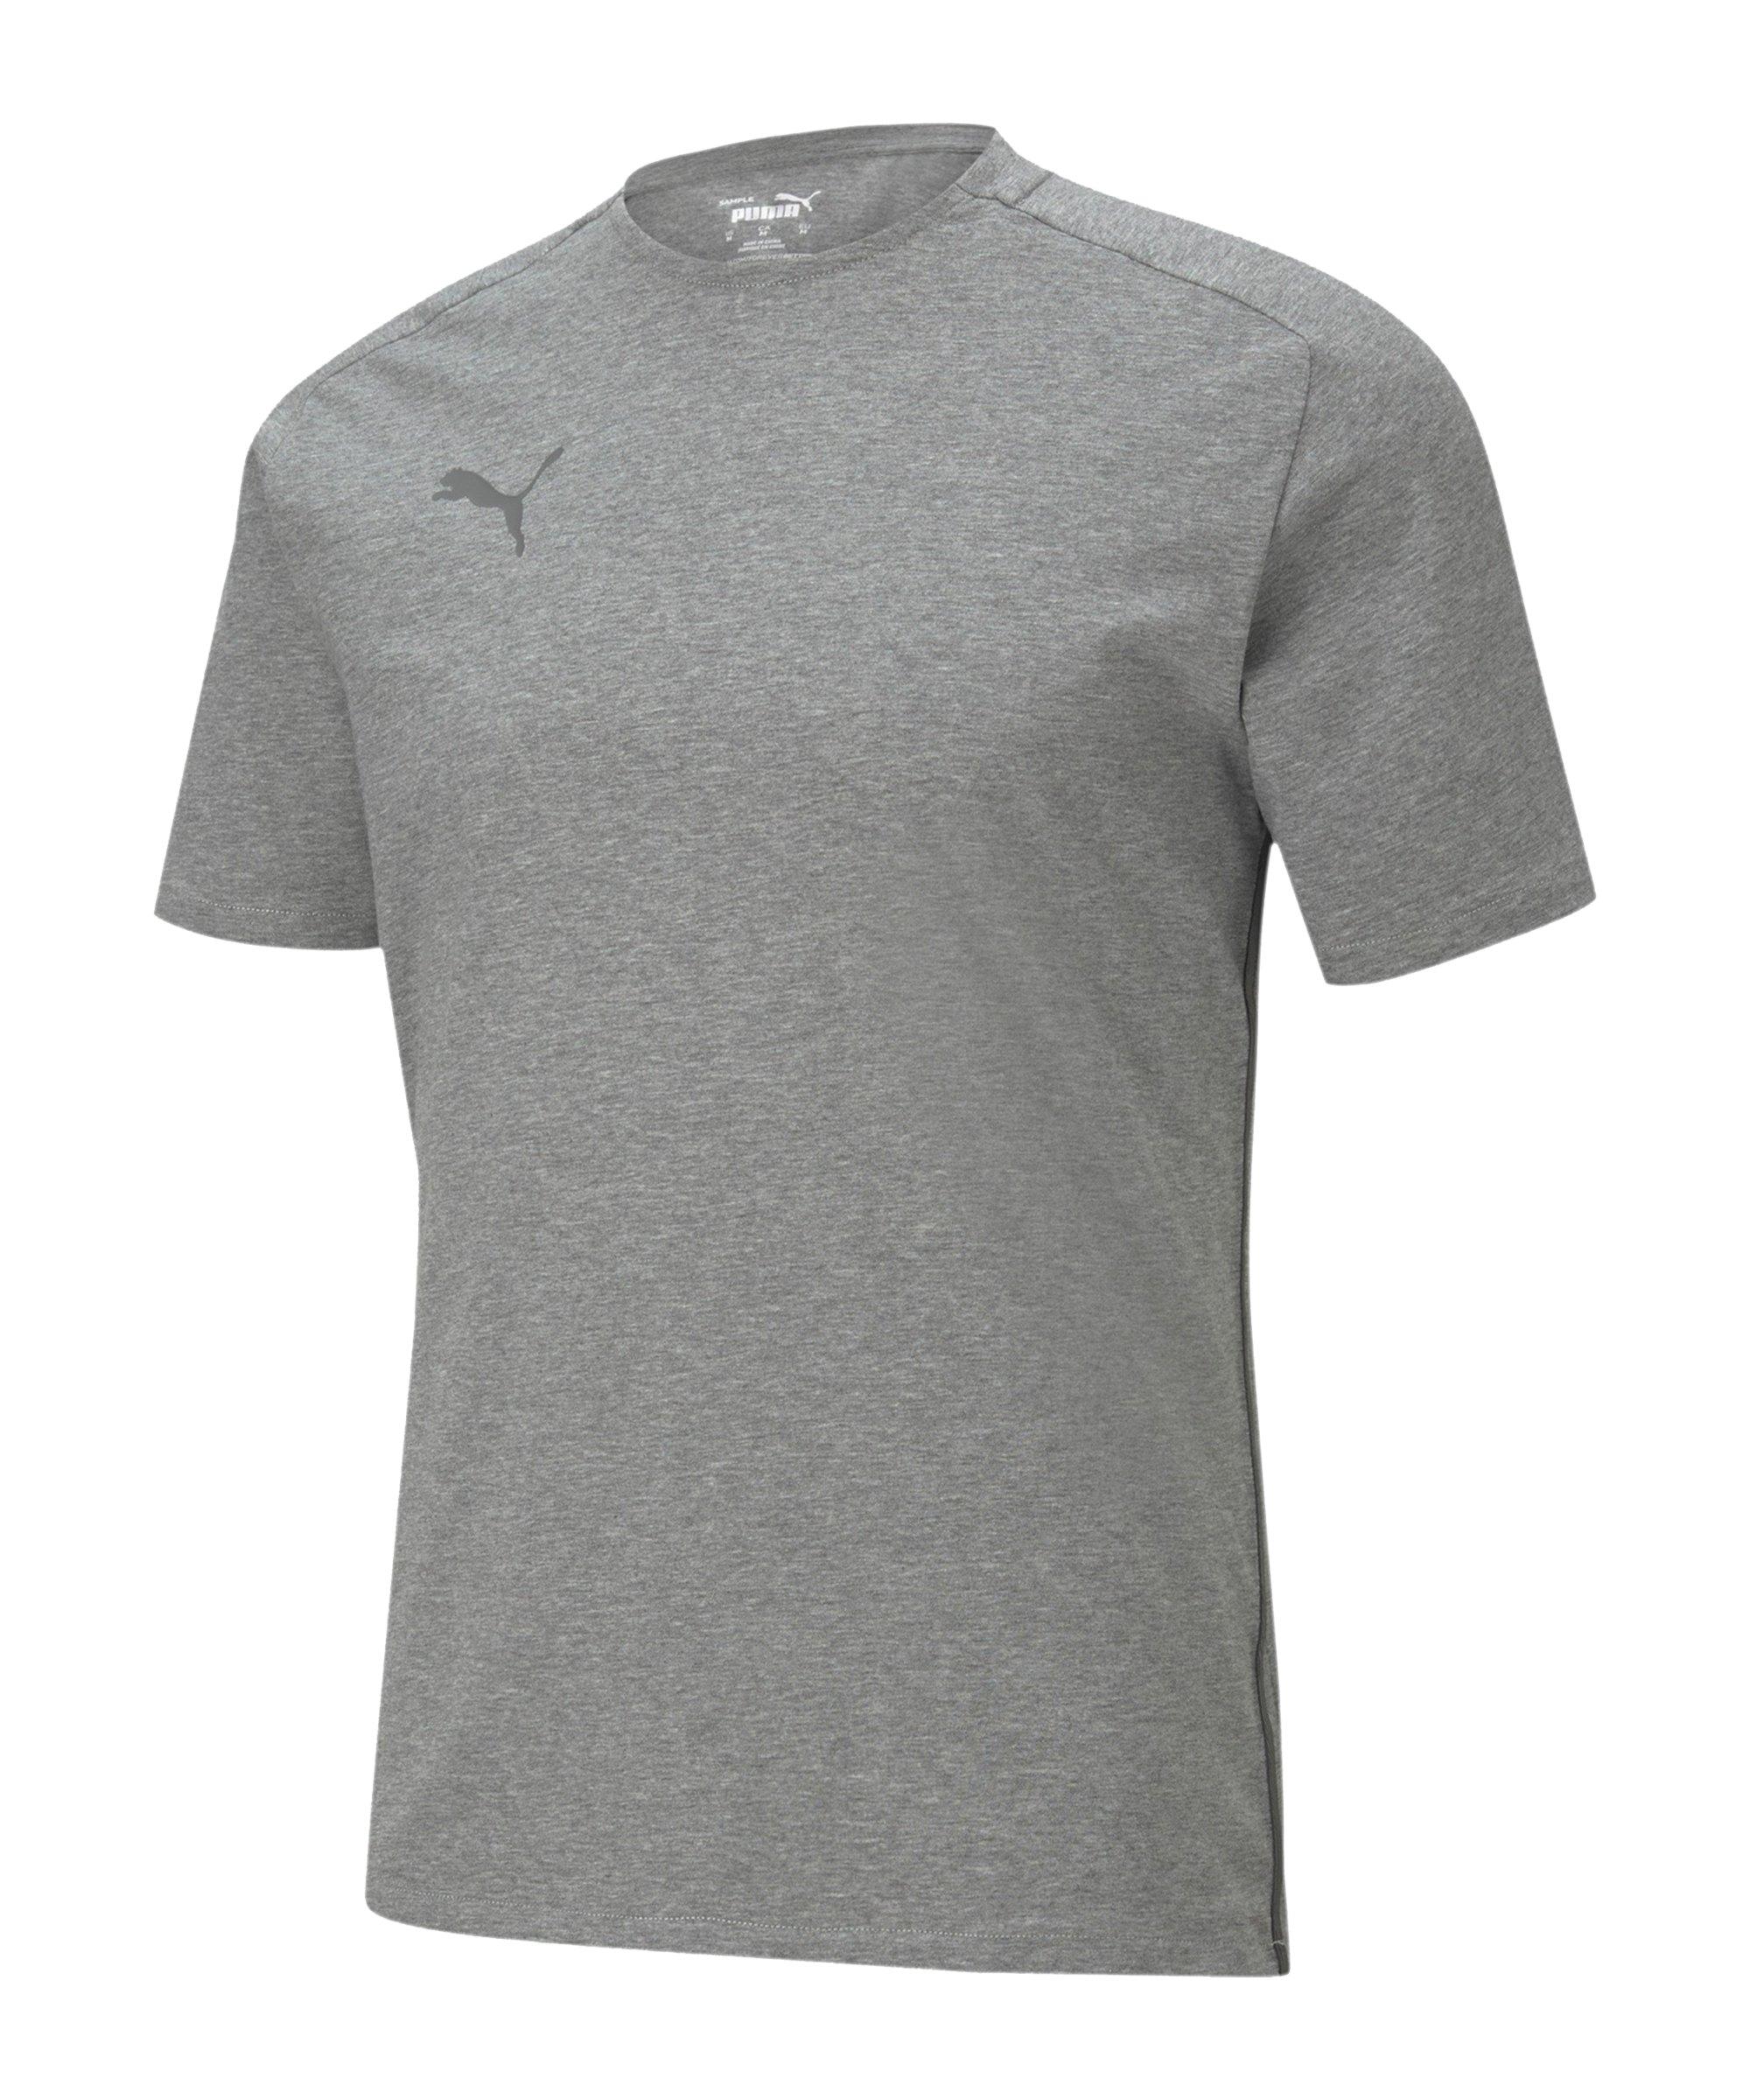 PUMA teamCUP Casuals T-Shirt Grau F33 - grau